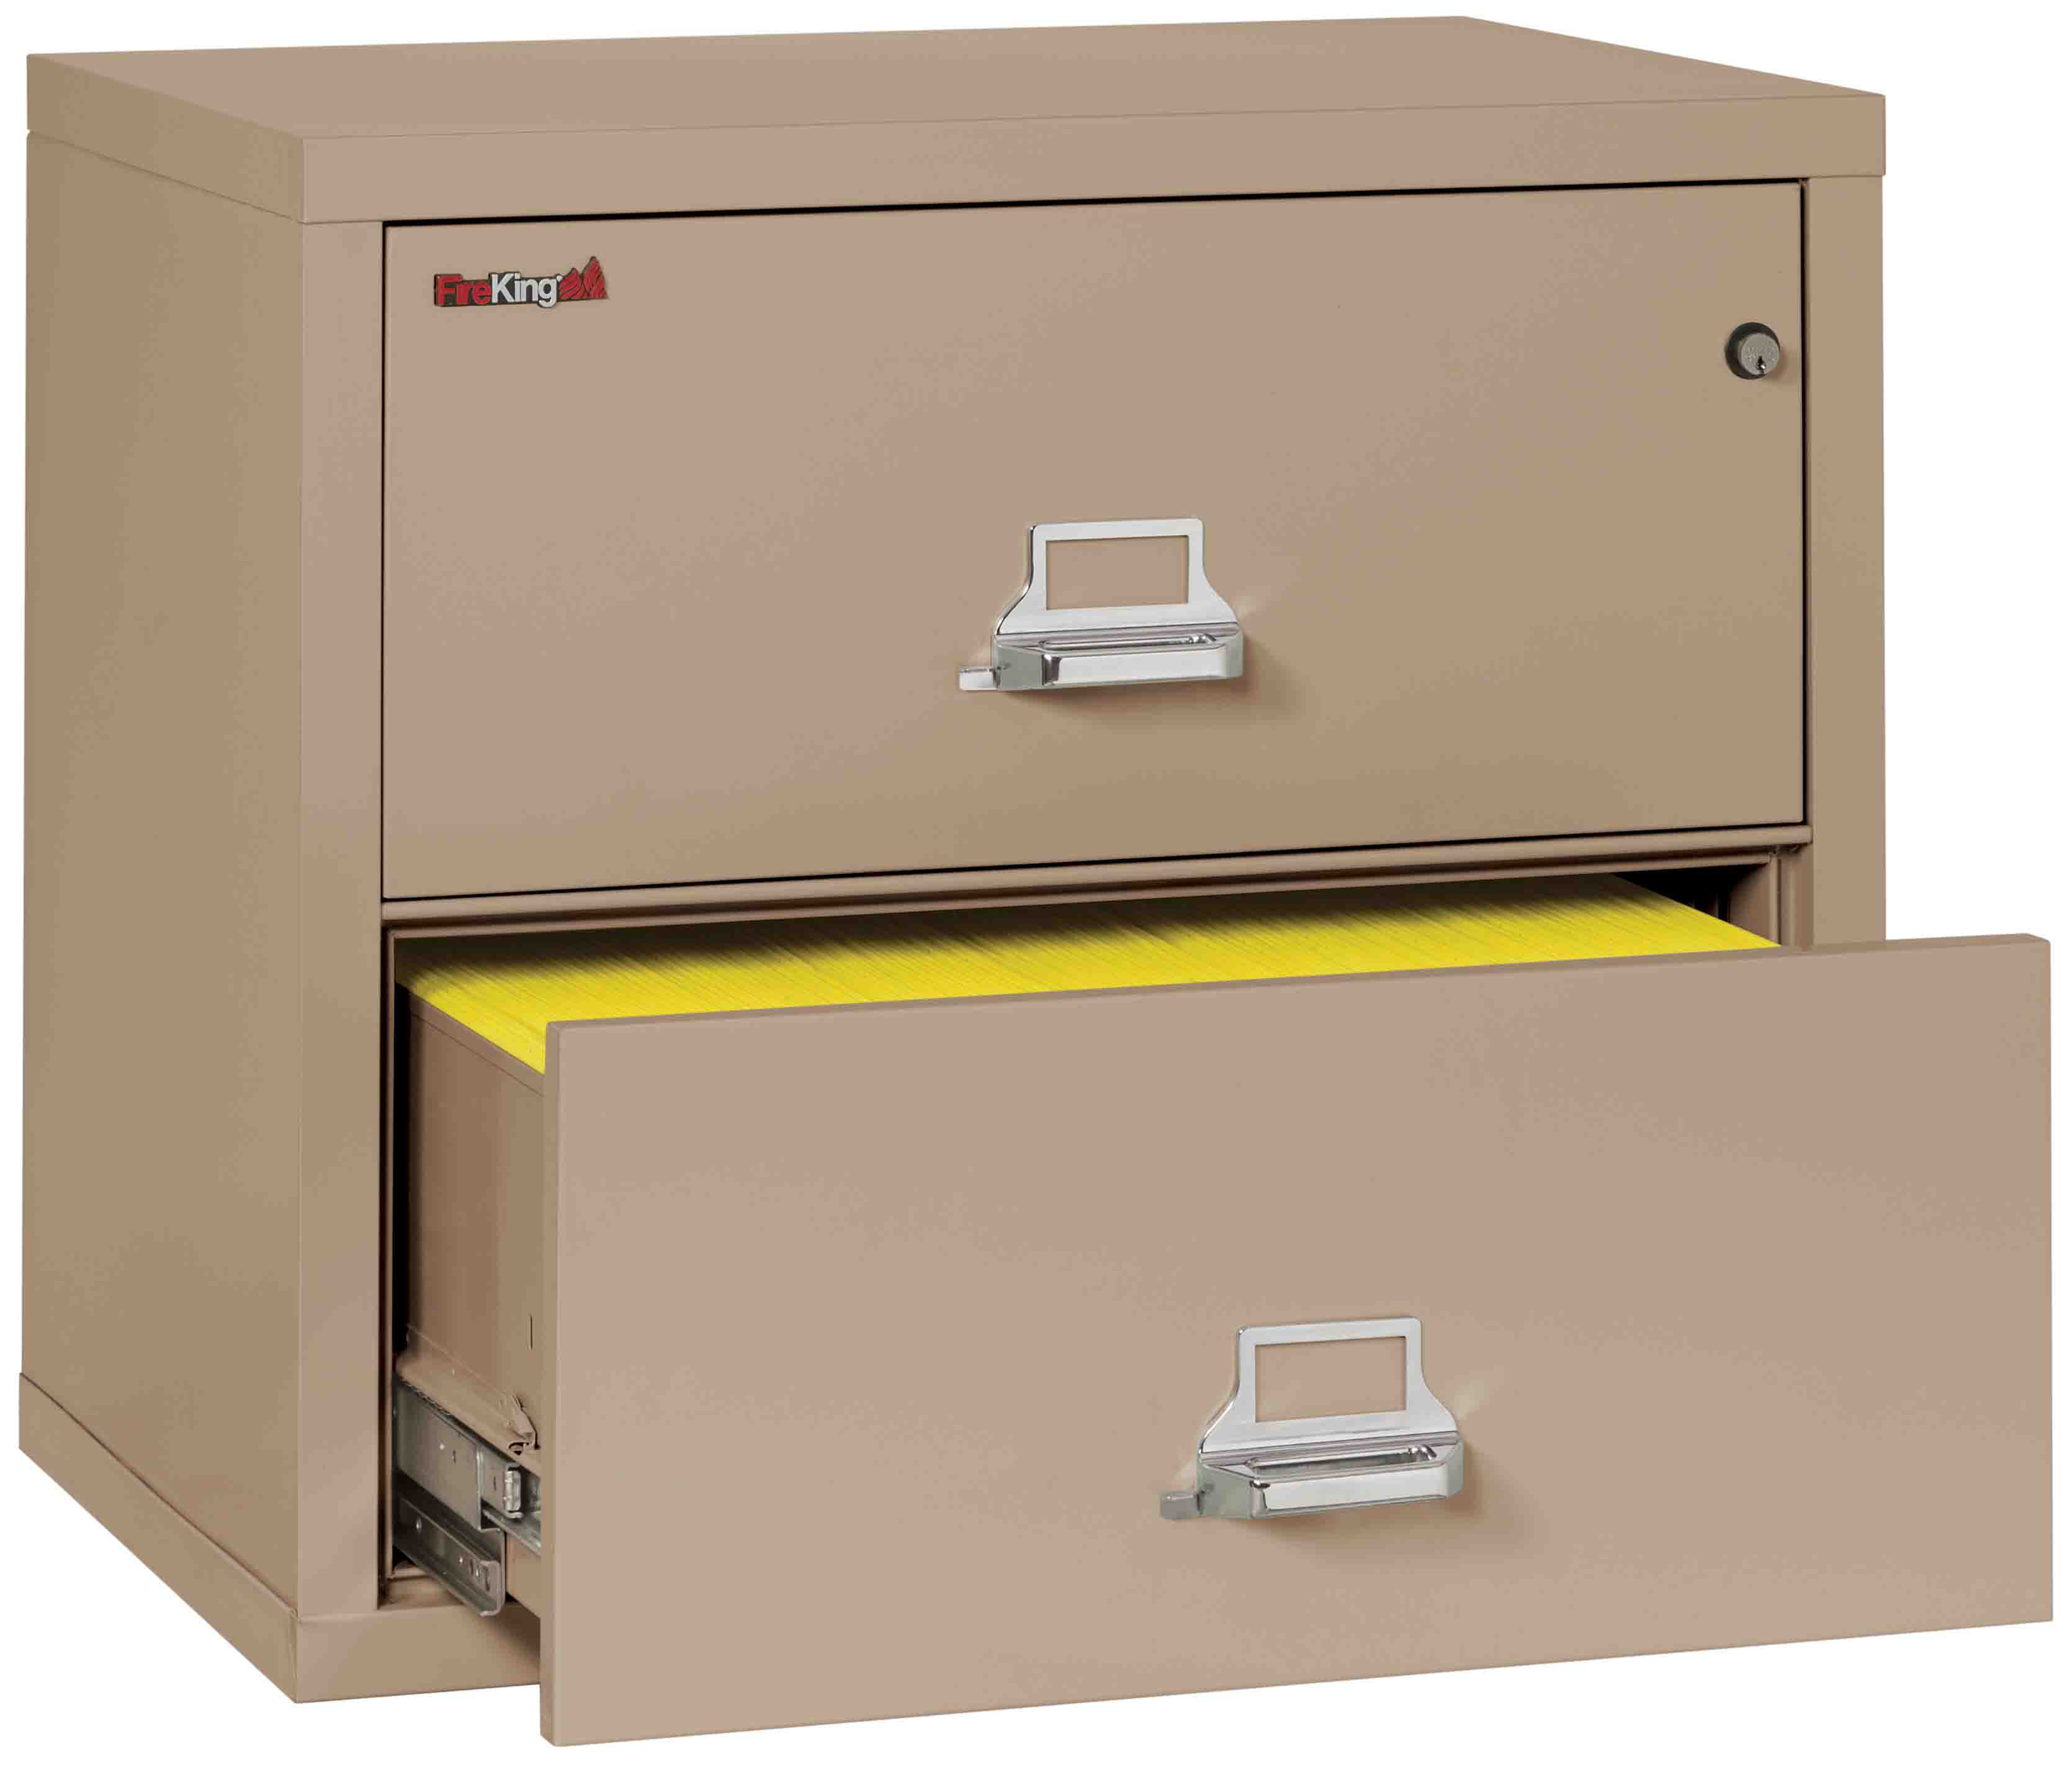 Fireking Fireproof File Cabinet Locks Cabinets Matttroy